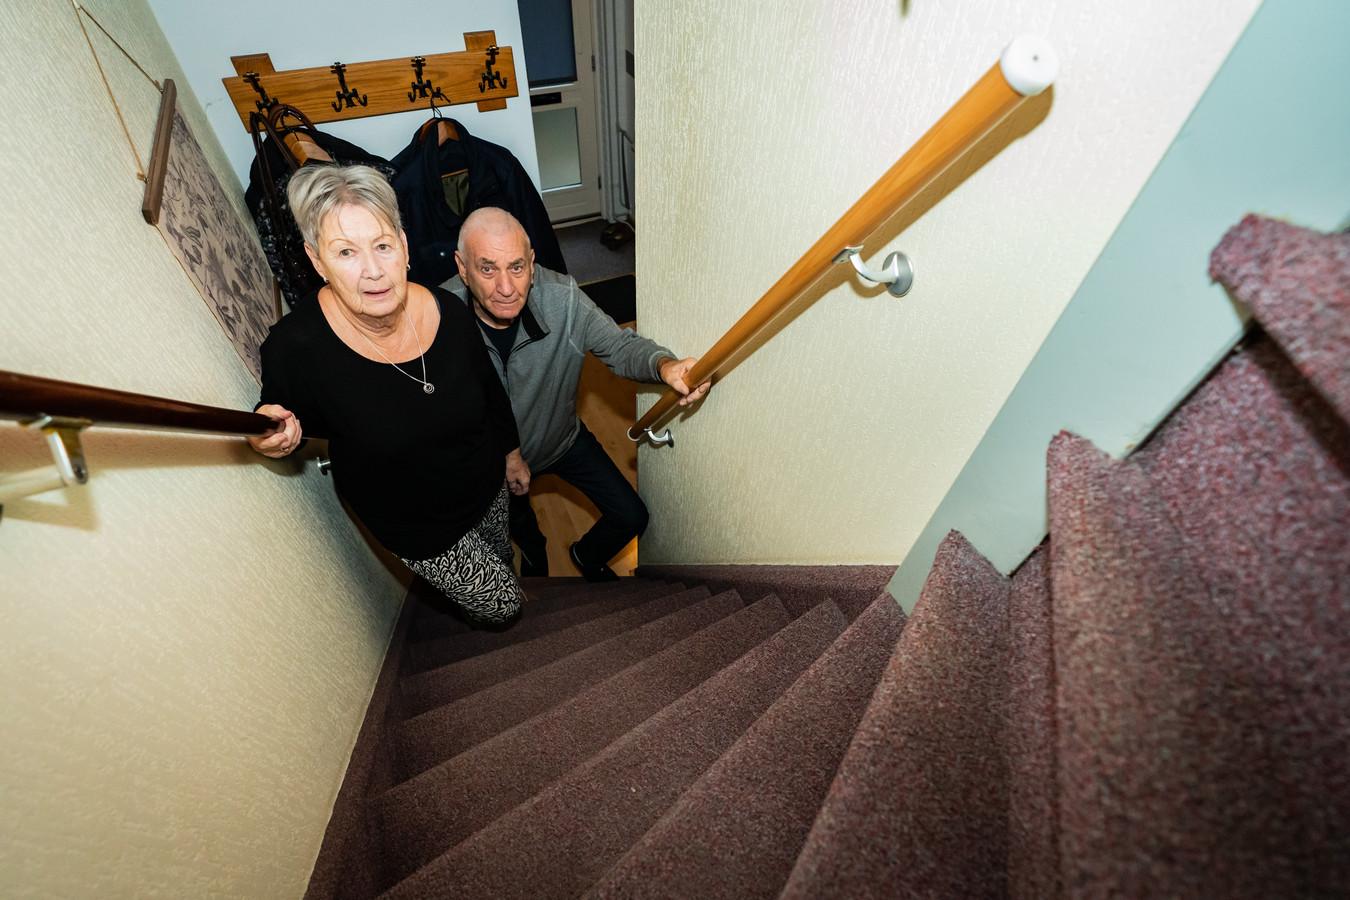 Tom en Ria van de Klomp hebben steeds meer moeite met traplopen en willen graag naar een gelijkvloers appartement.